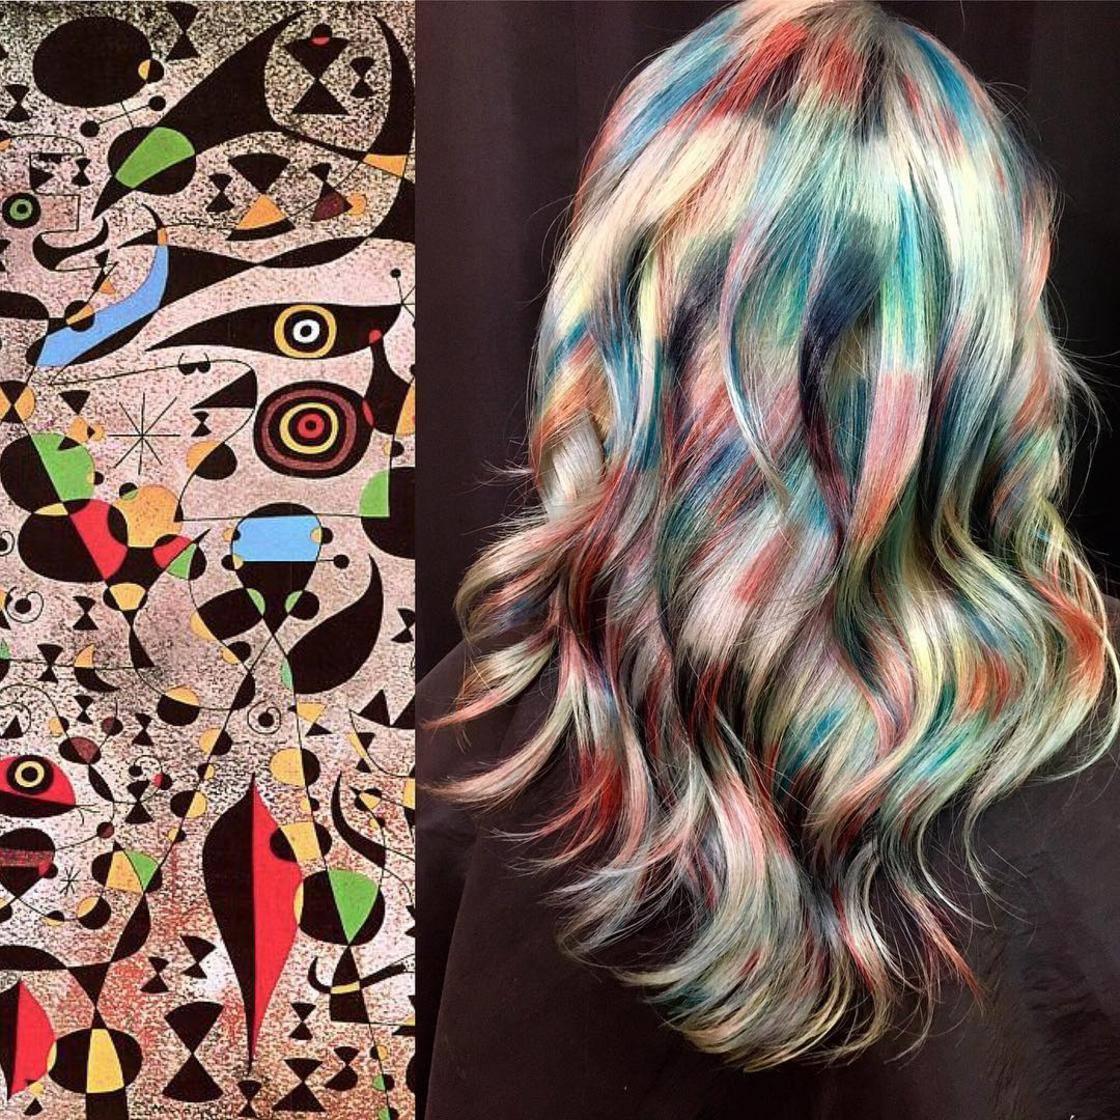 Artista se inspira em imagens fantásticas para mudar a cor do cabelo 14